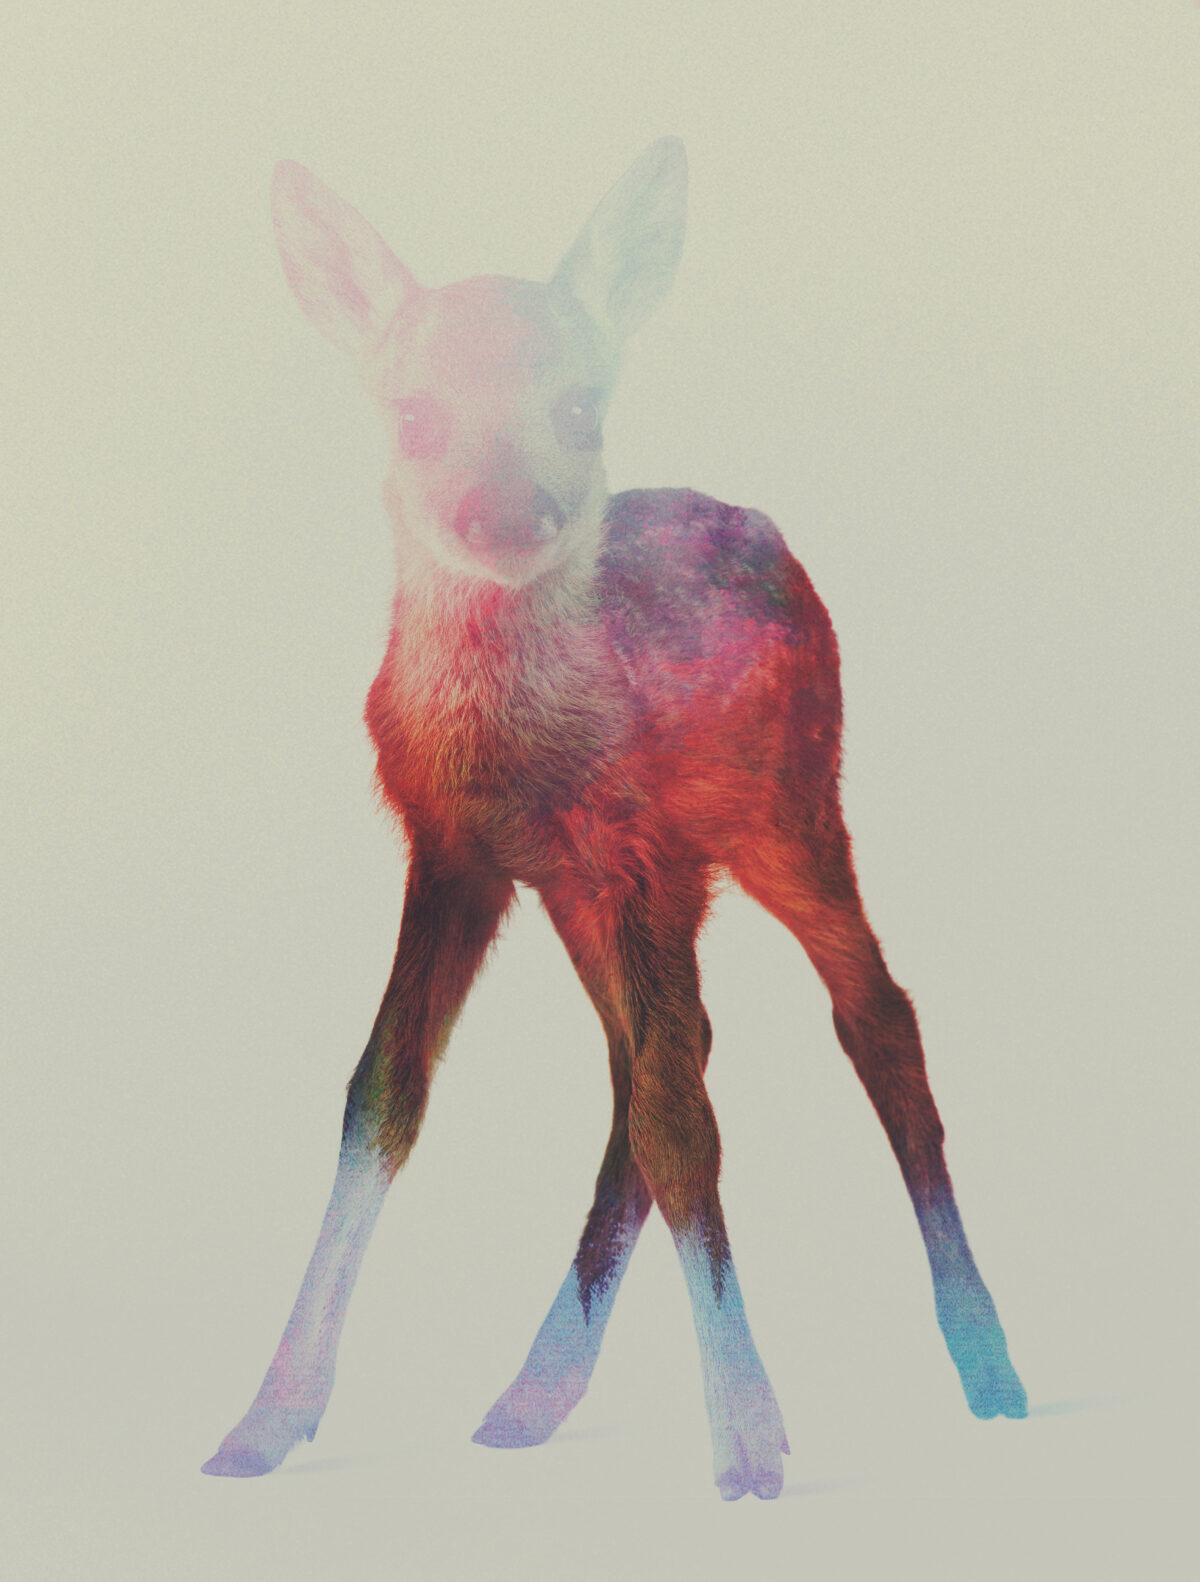 Deer-Fawn-andreas-lie-fisheyelemag